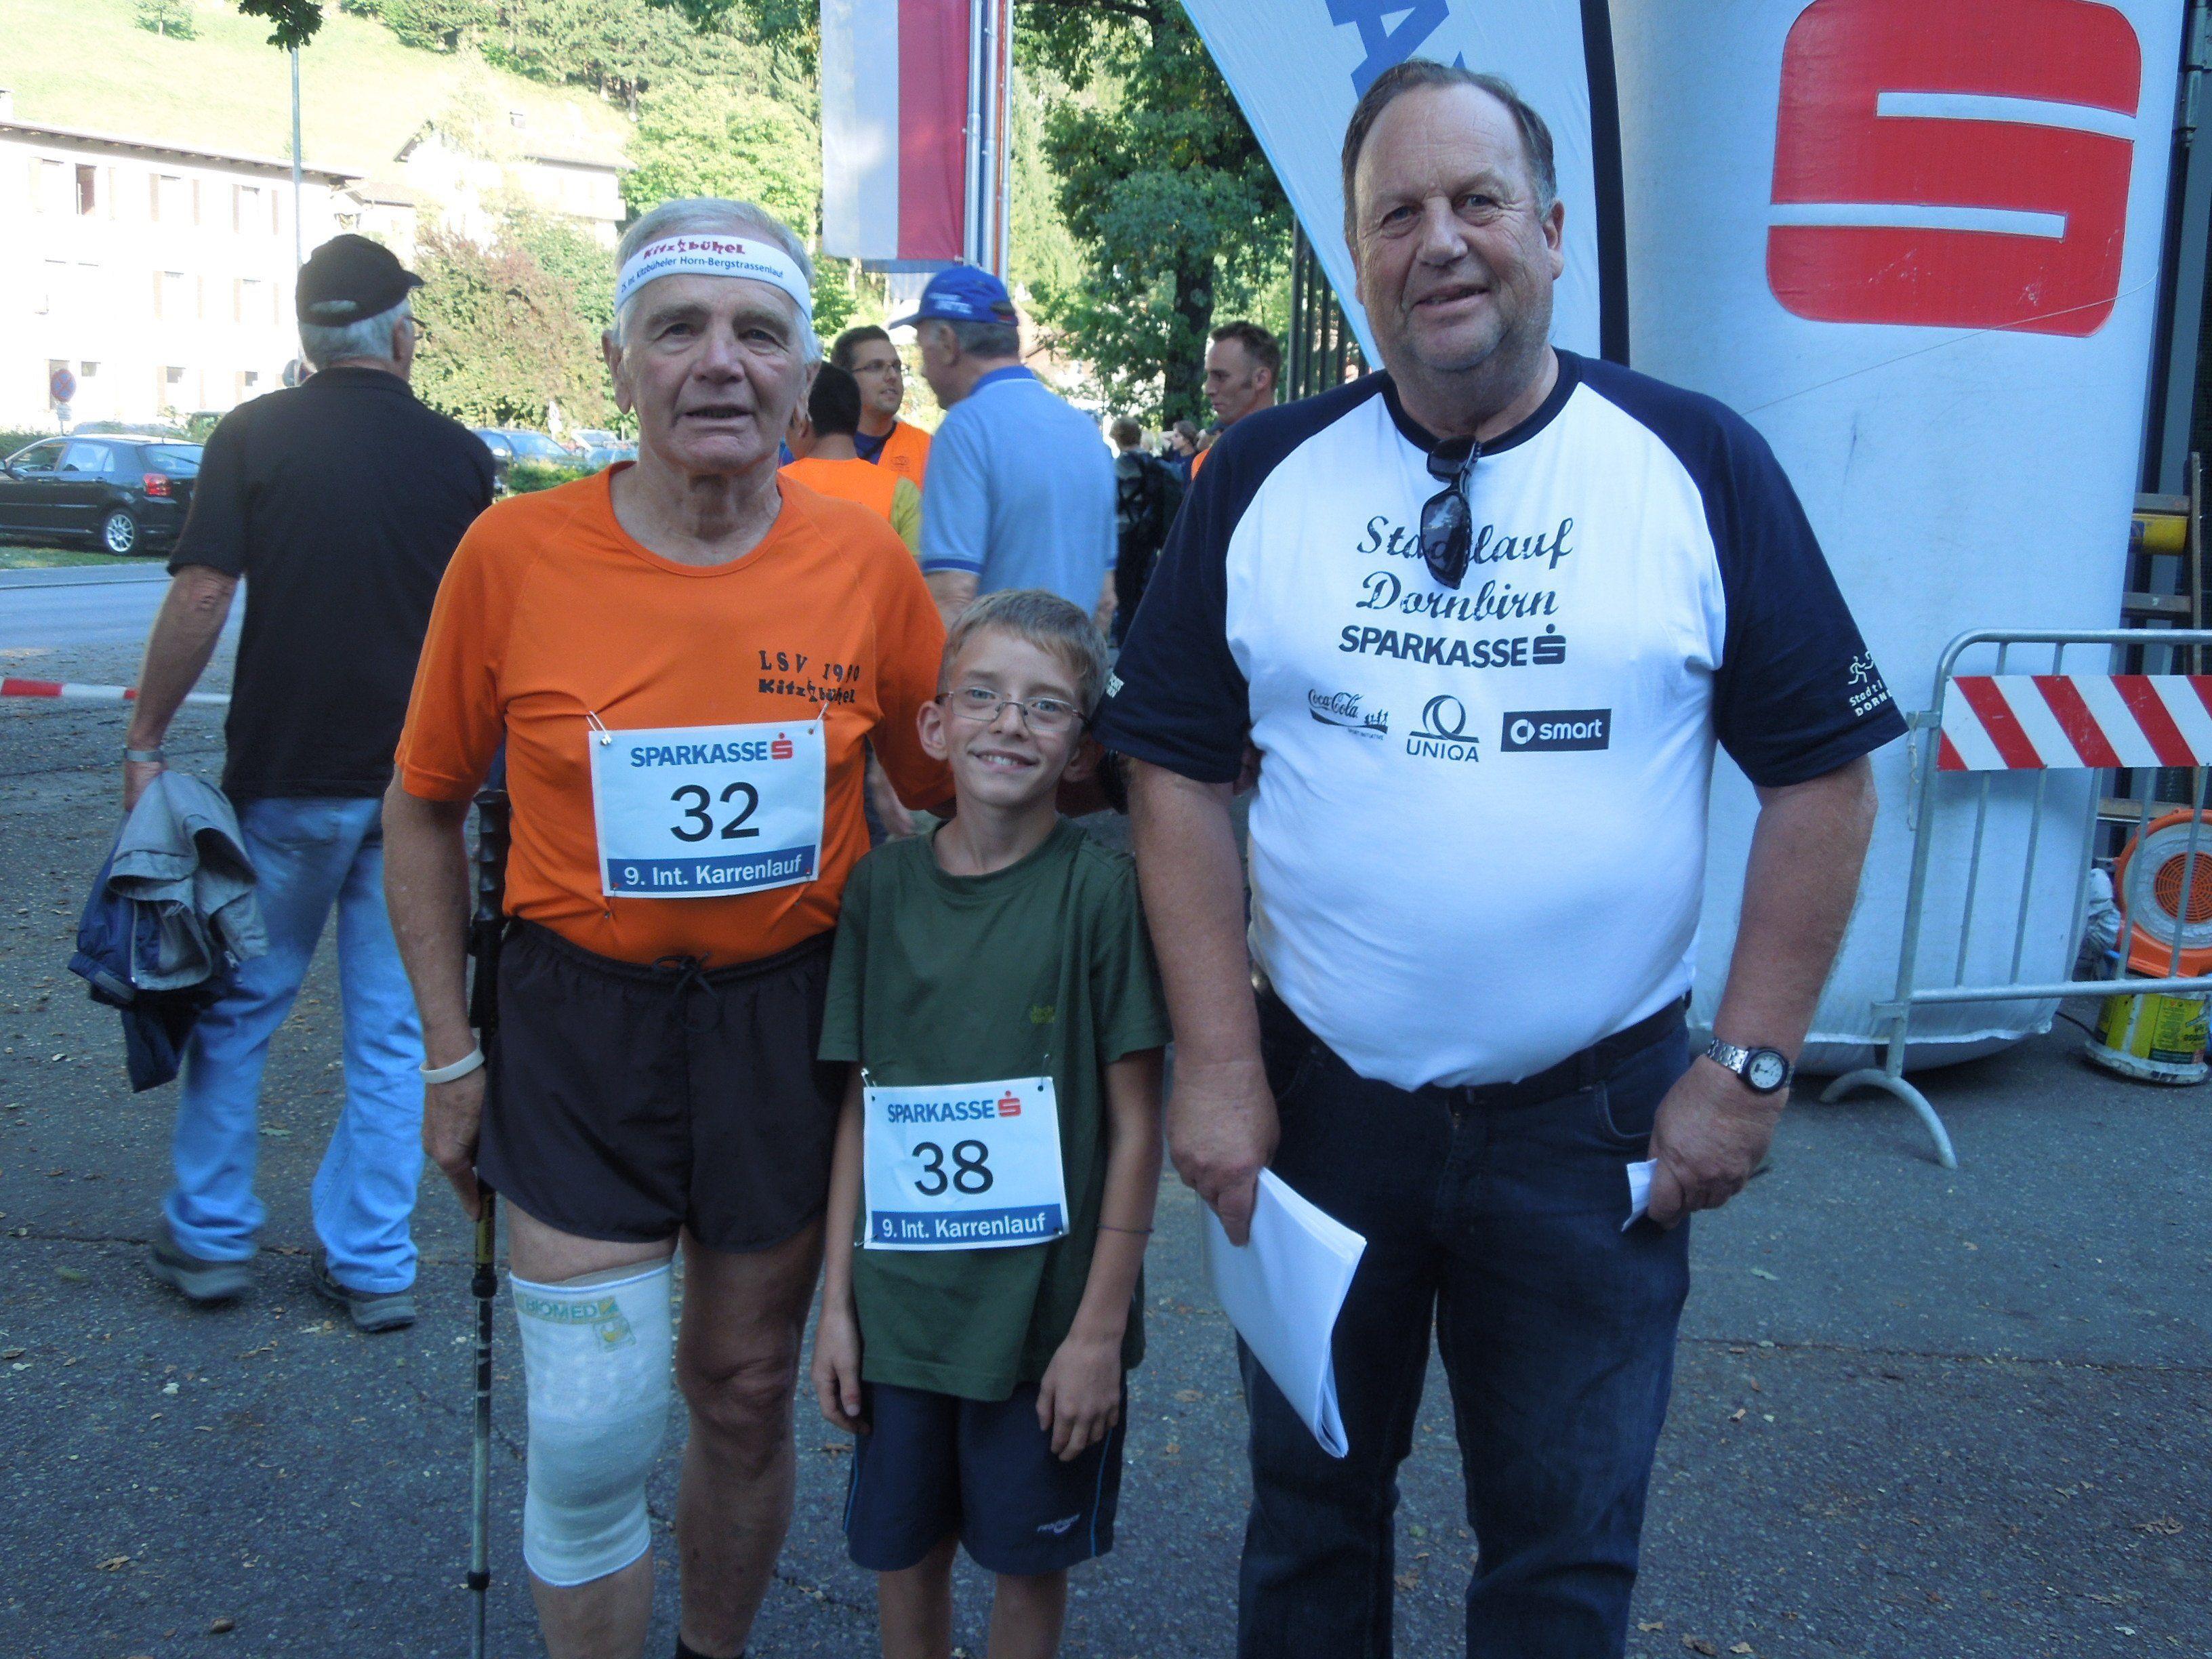 Veranstalter Eugen Gottselig vom SC Gütle freut sich auch heuer wieder Teilnehmer aller Altersklassen beim Sparkassen Karrenlauf zu begrüßen.